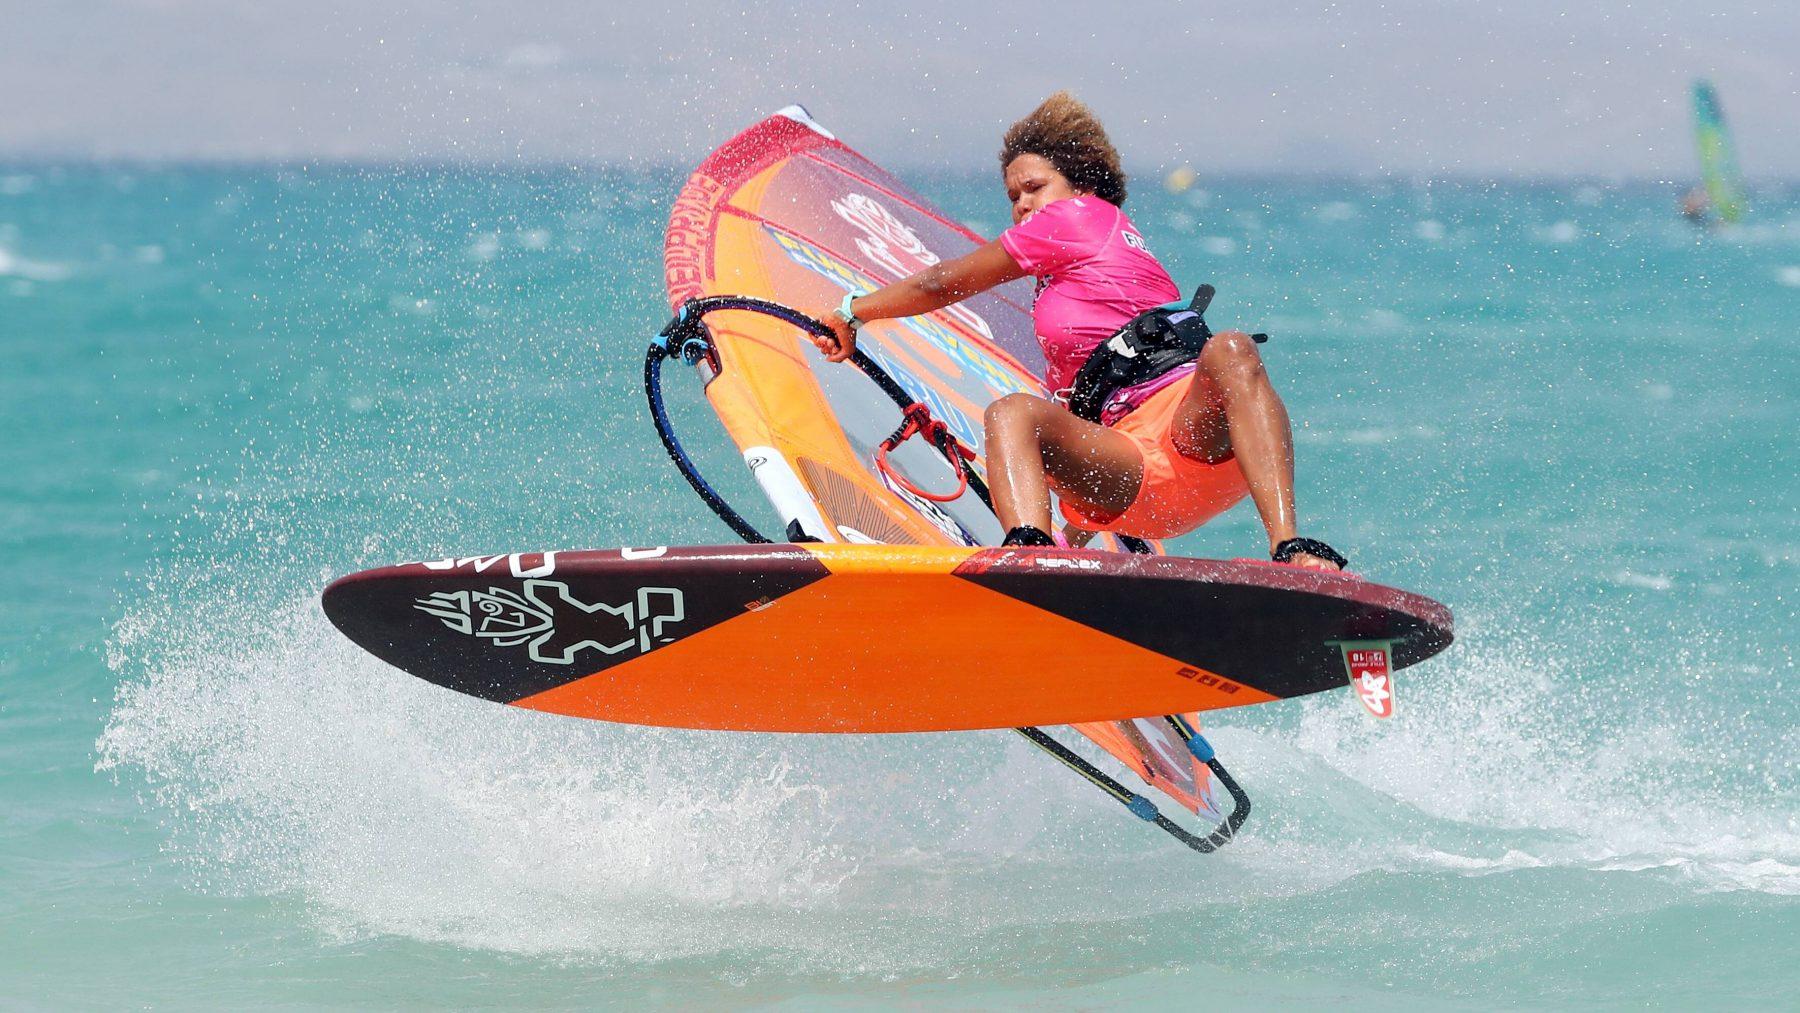 Goed voorbeeld: Prijzengeld Windsurfen voor vrouwen en mannen gelijk